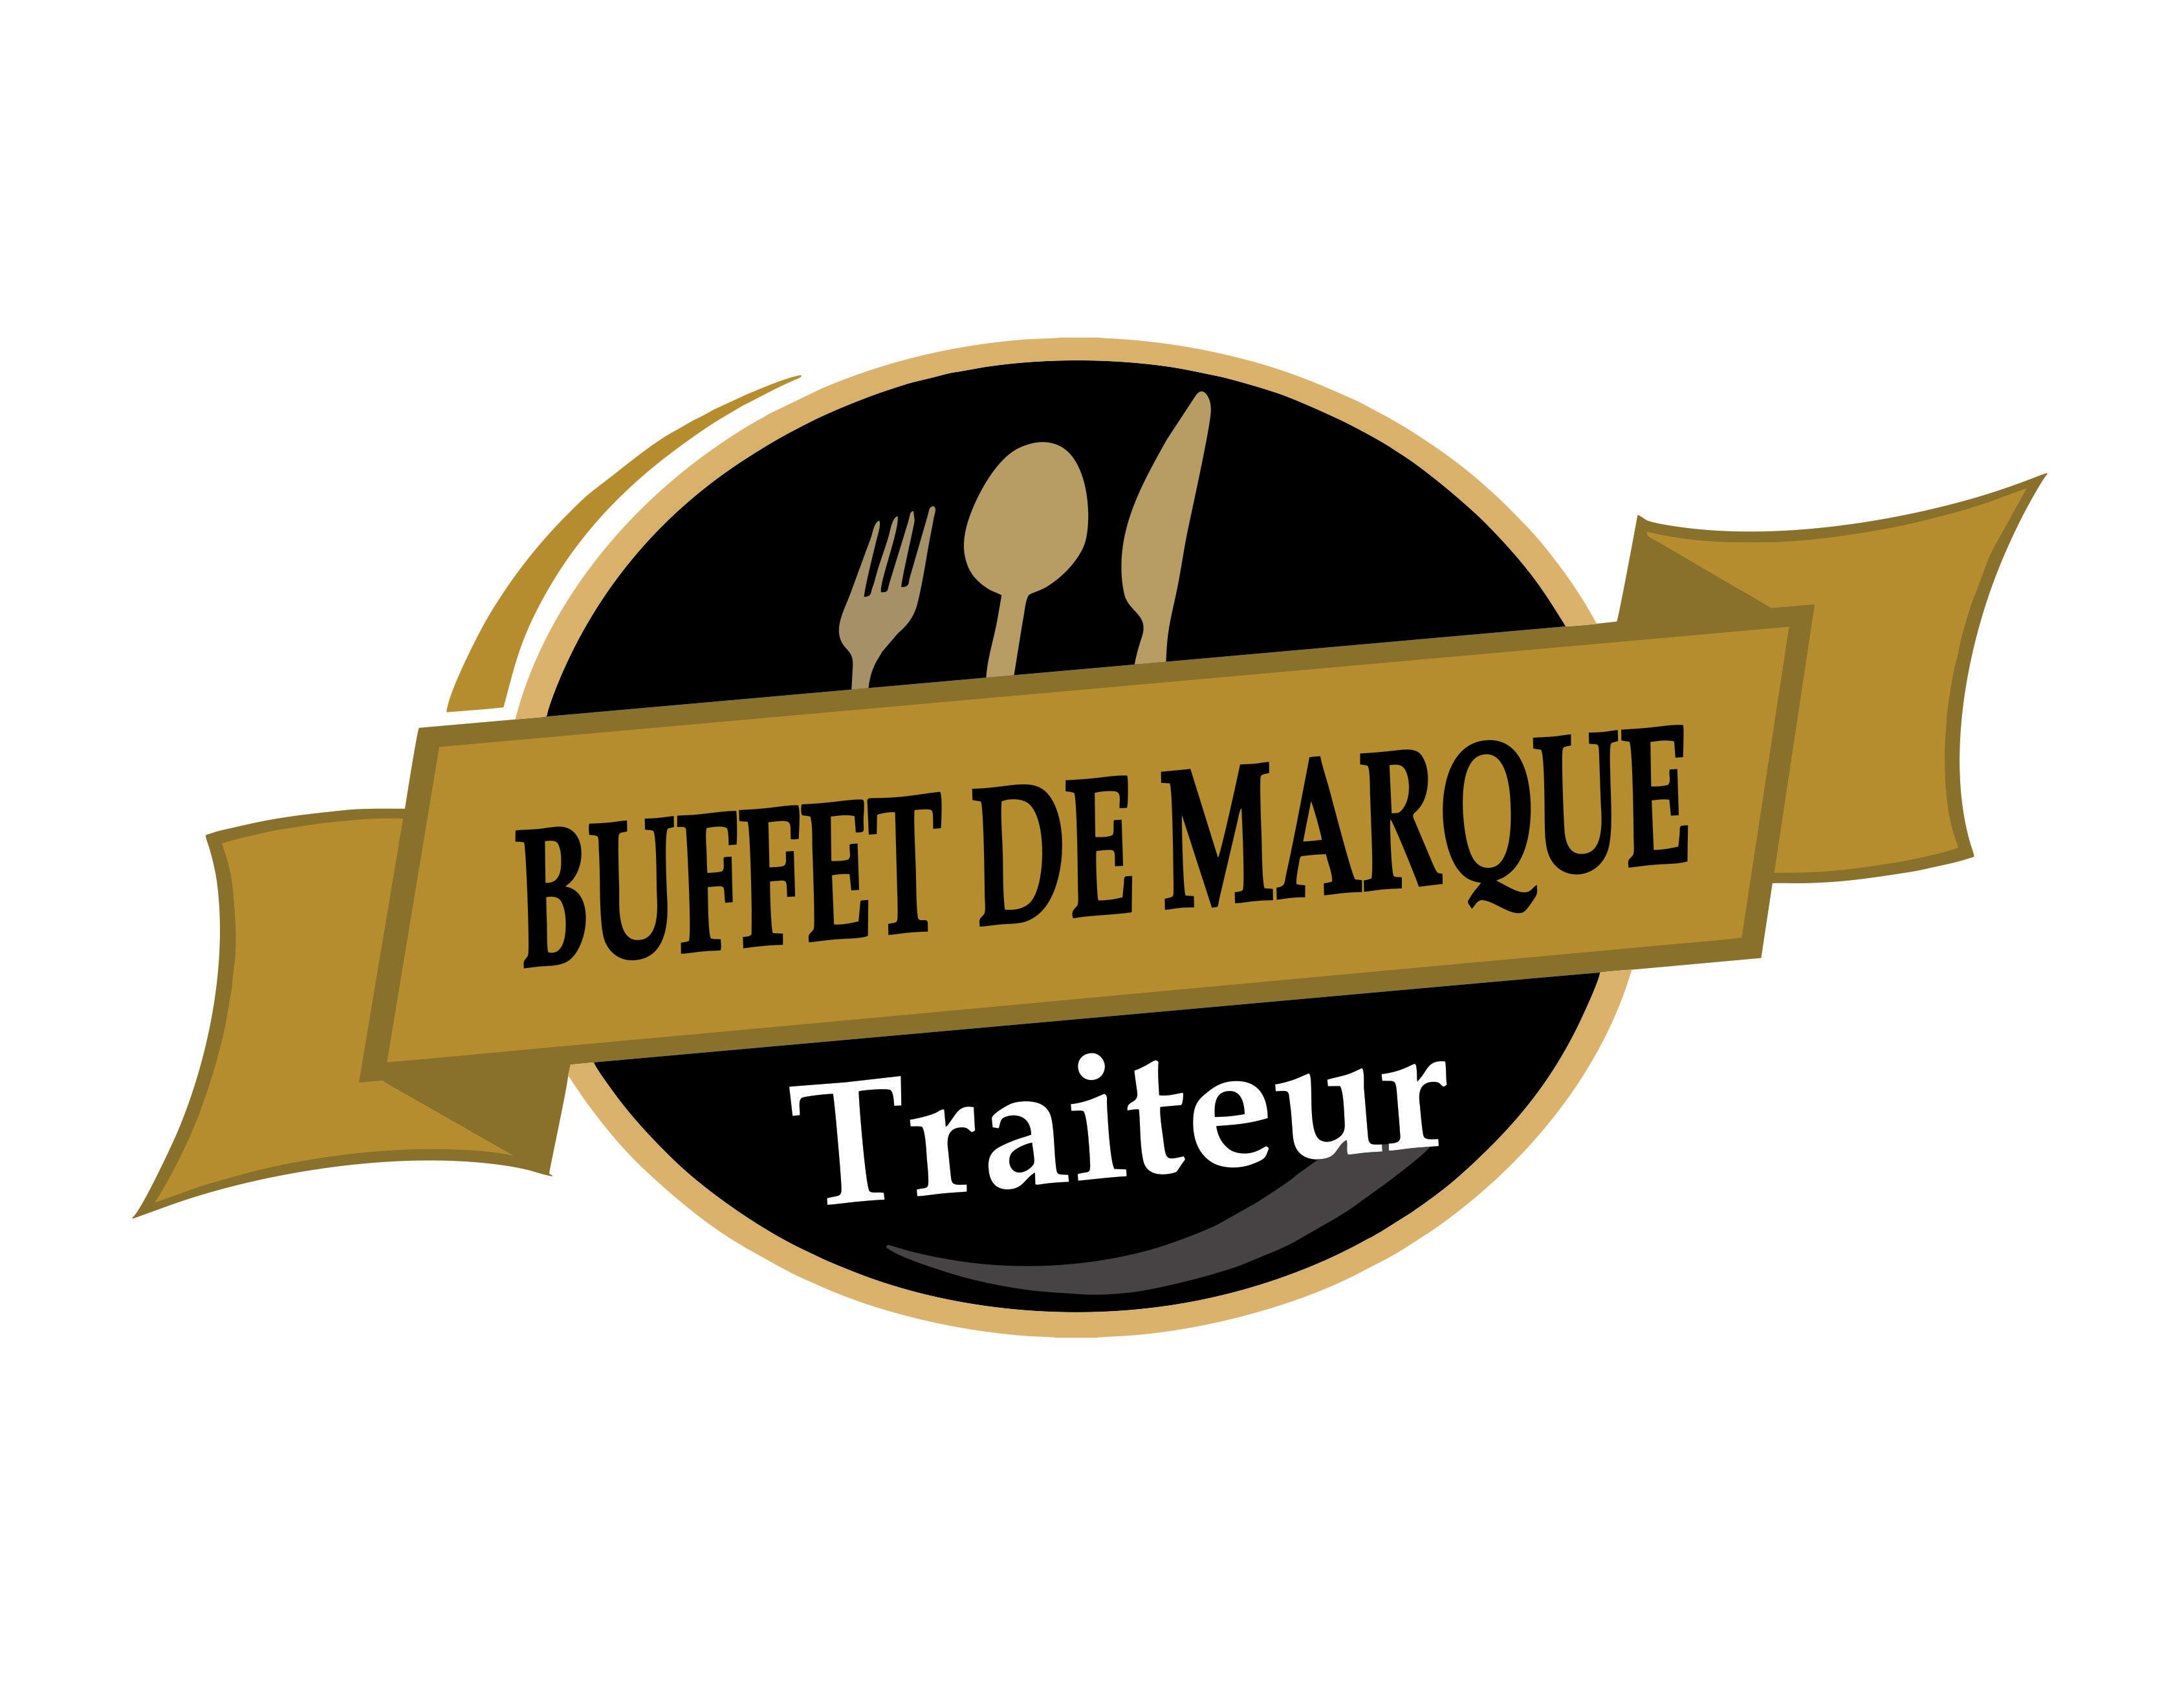 logo buffet de marque